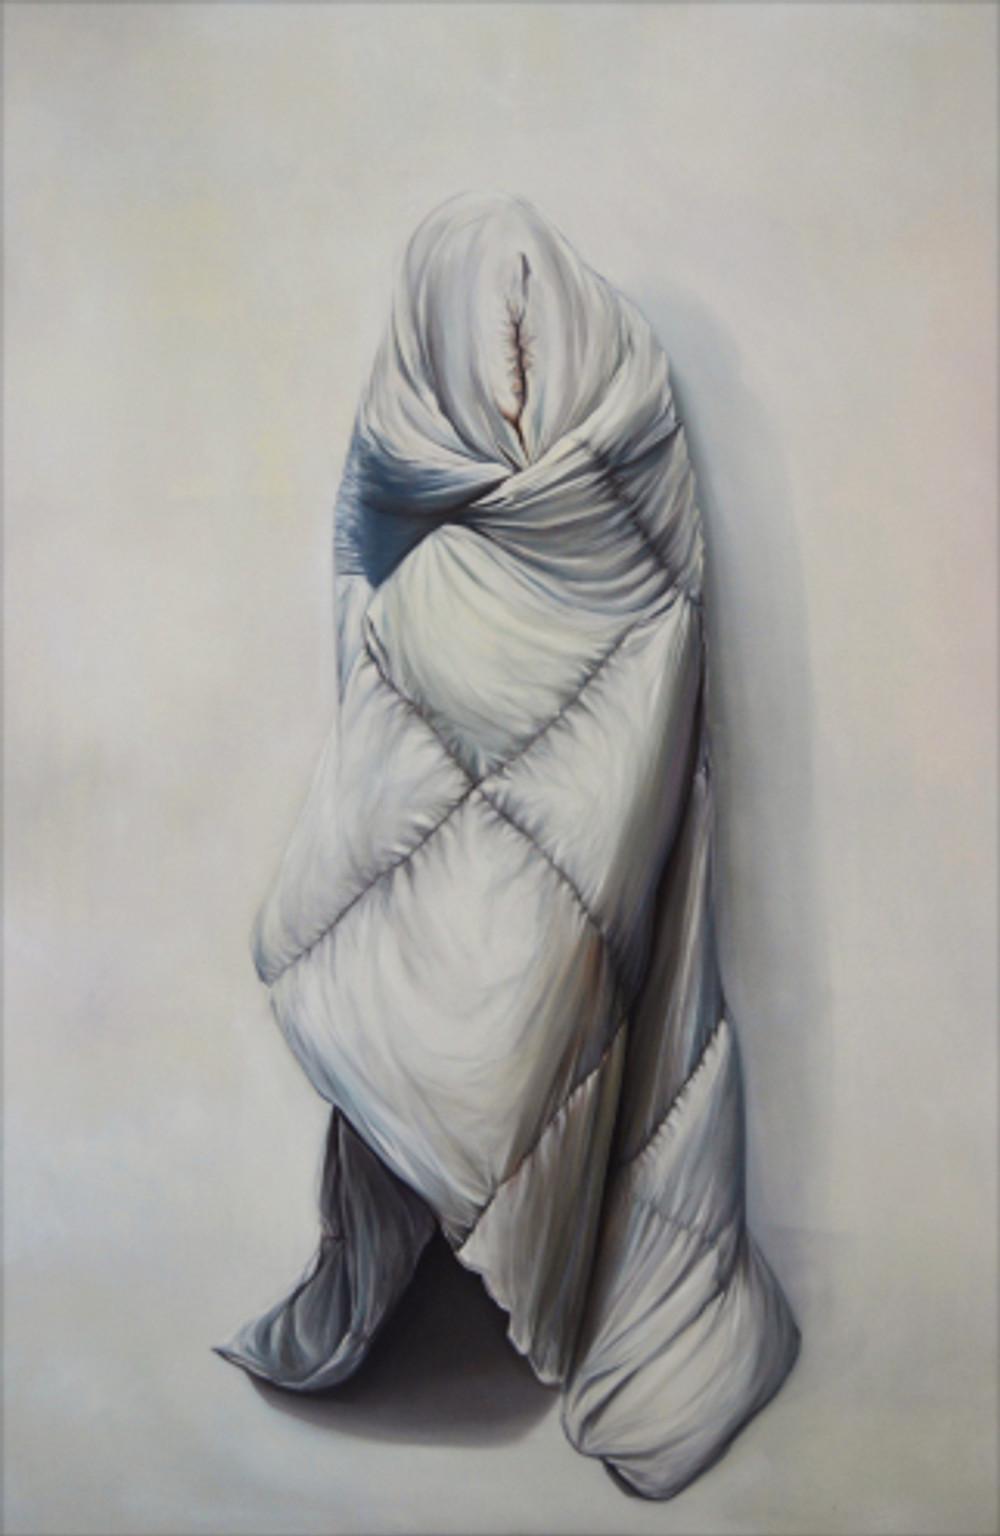 άτιτλο, 2016, λάδι σε καμβά, 300Χ200 εκ. untitled,300X150cm, oil on canvas, 2017